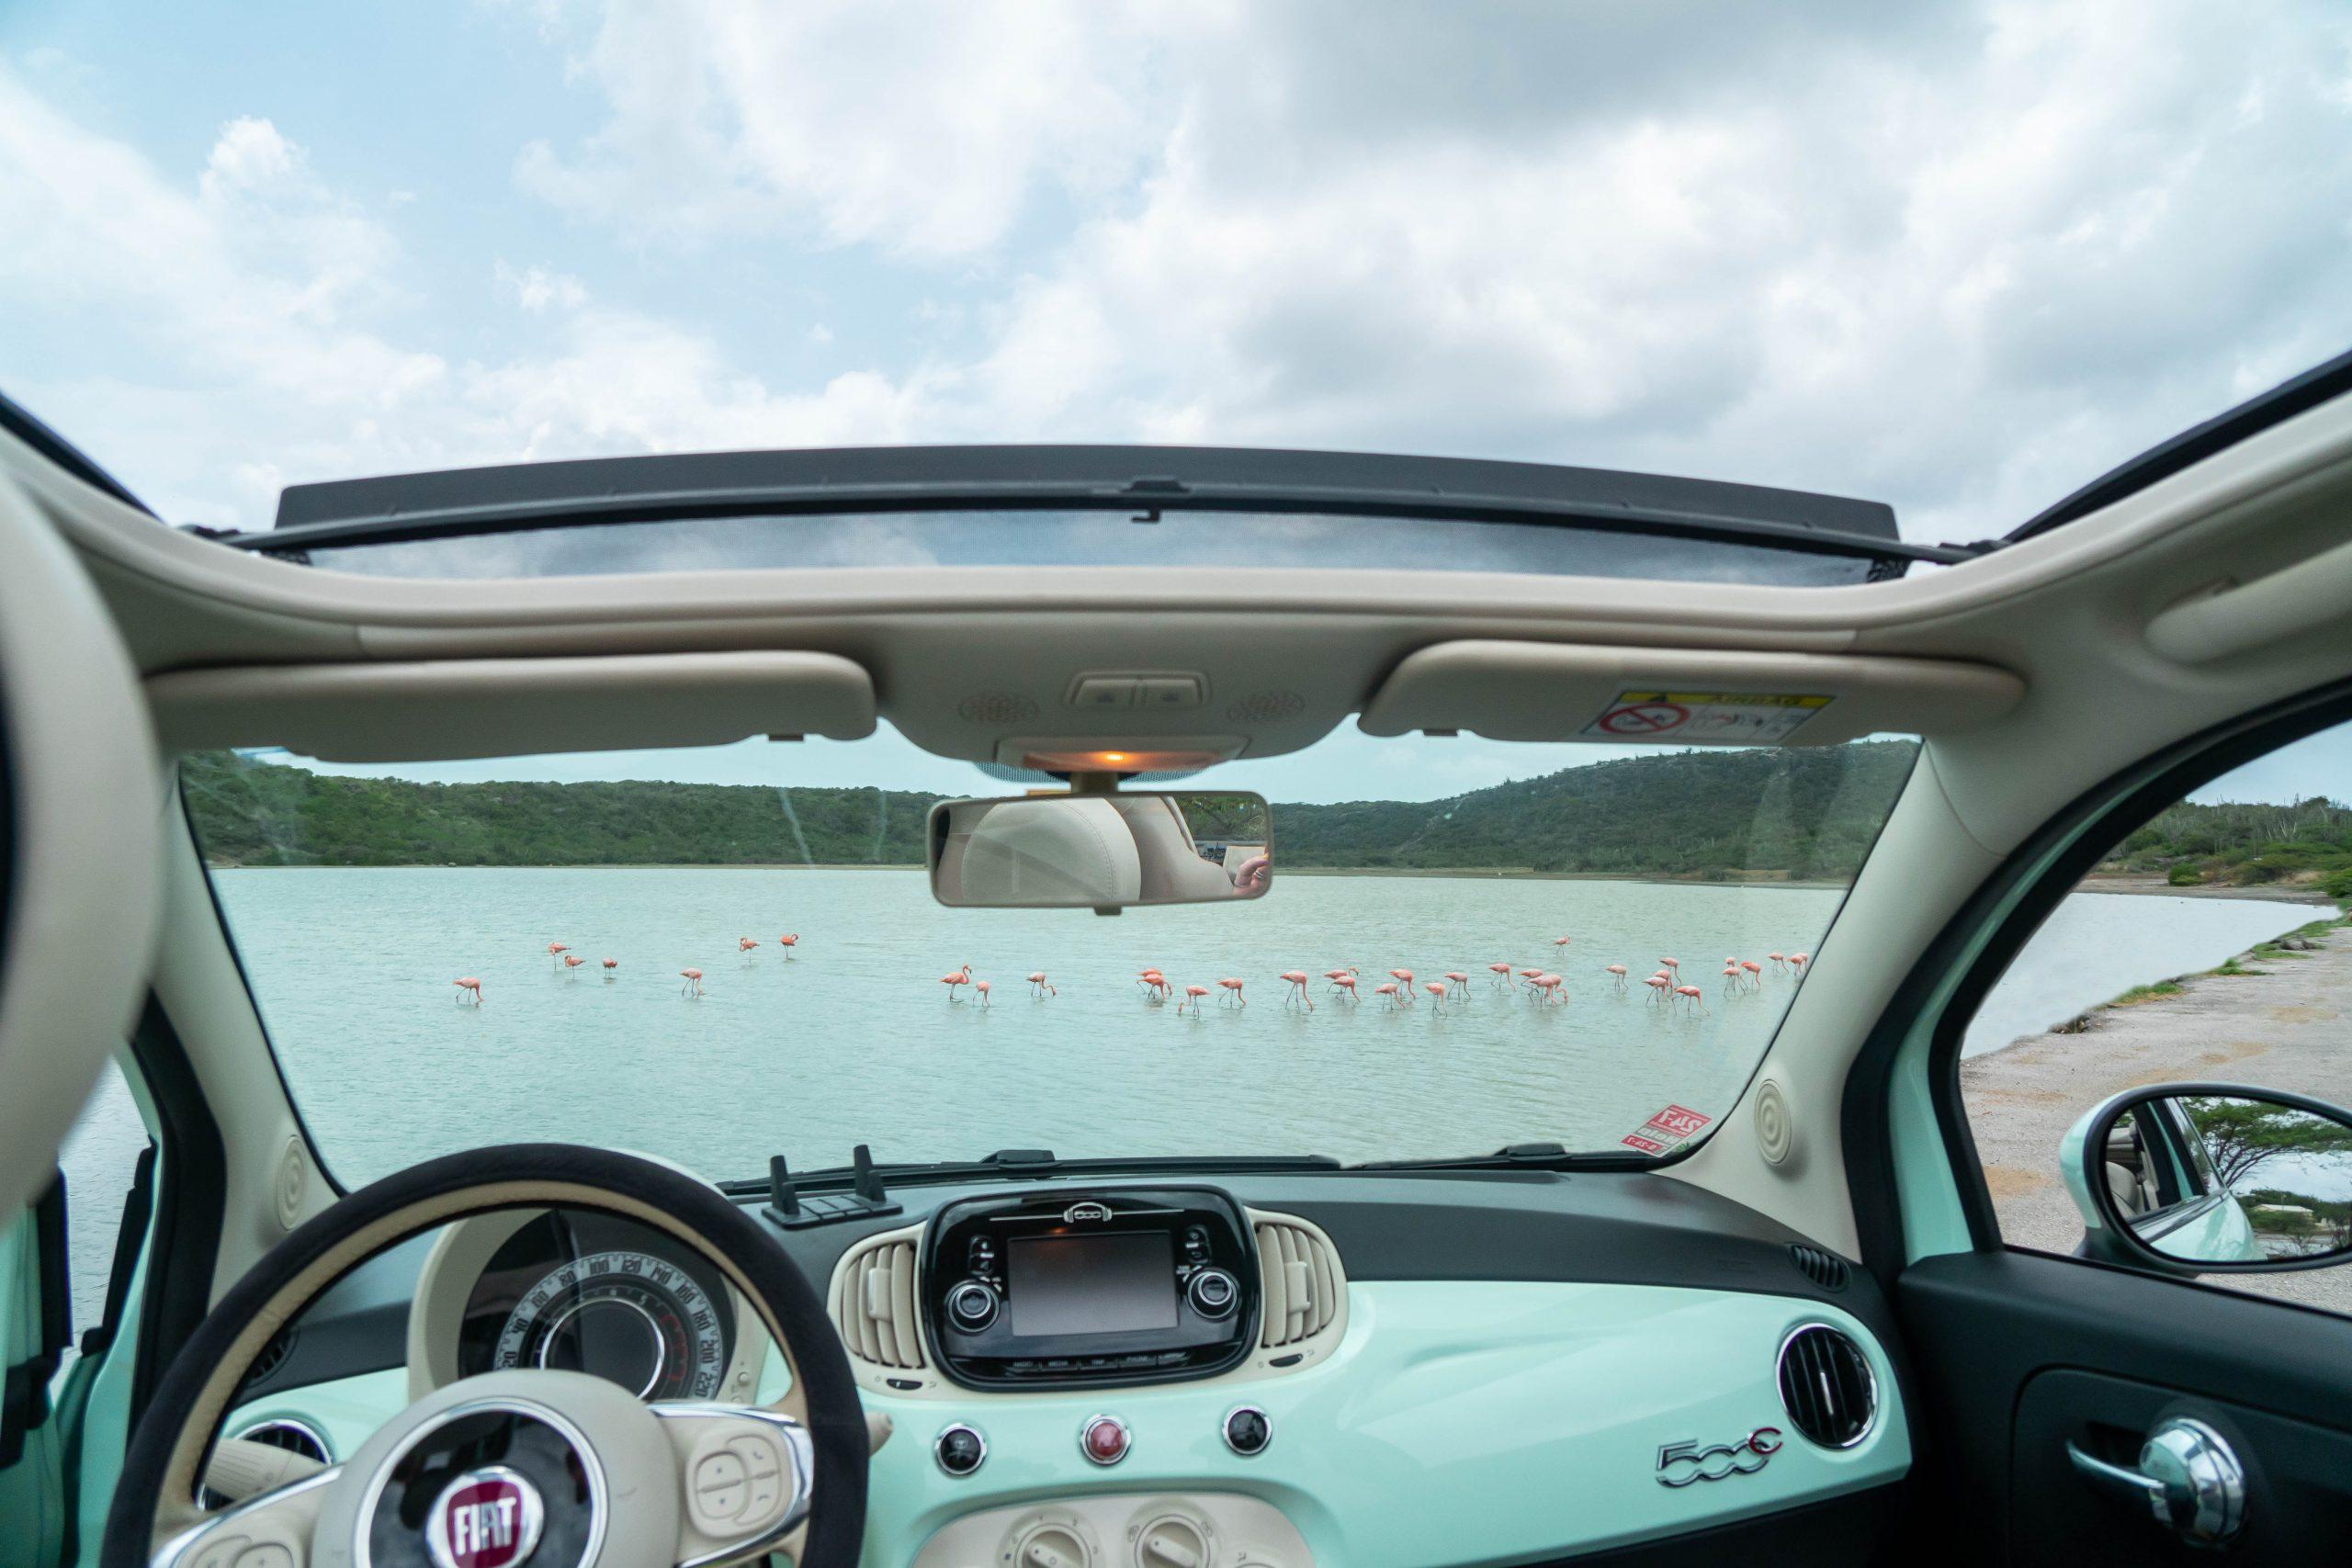 LivCuracao car at the flamingo's